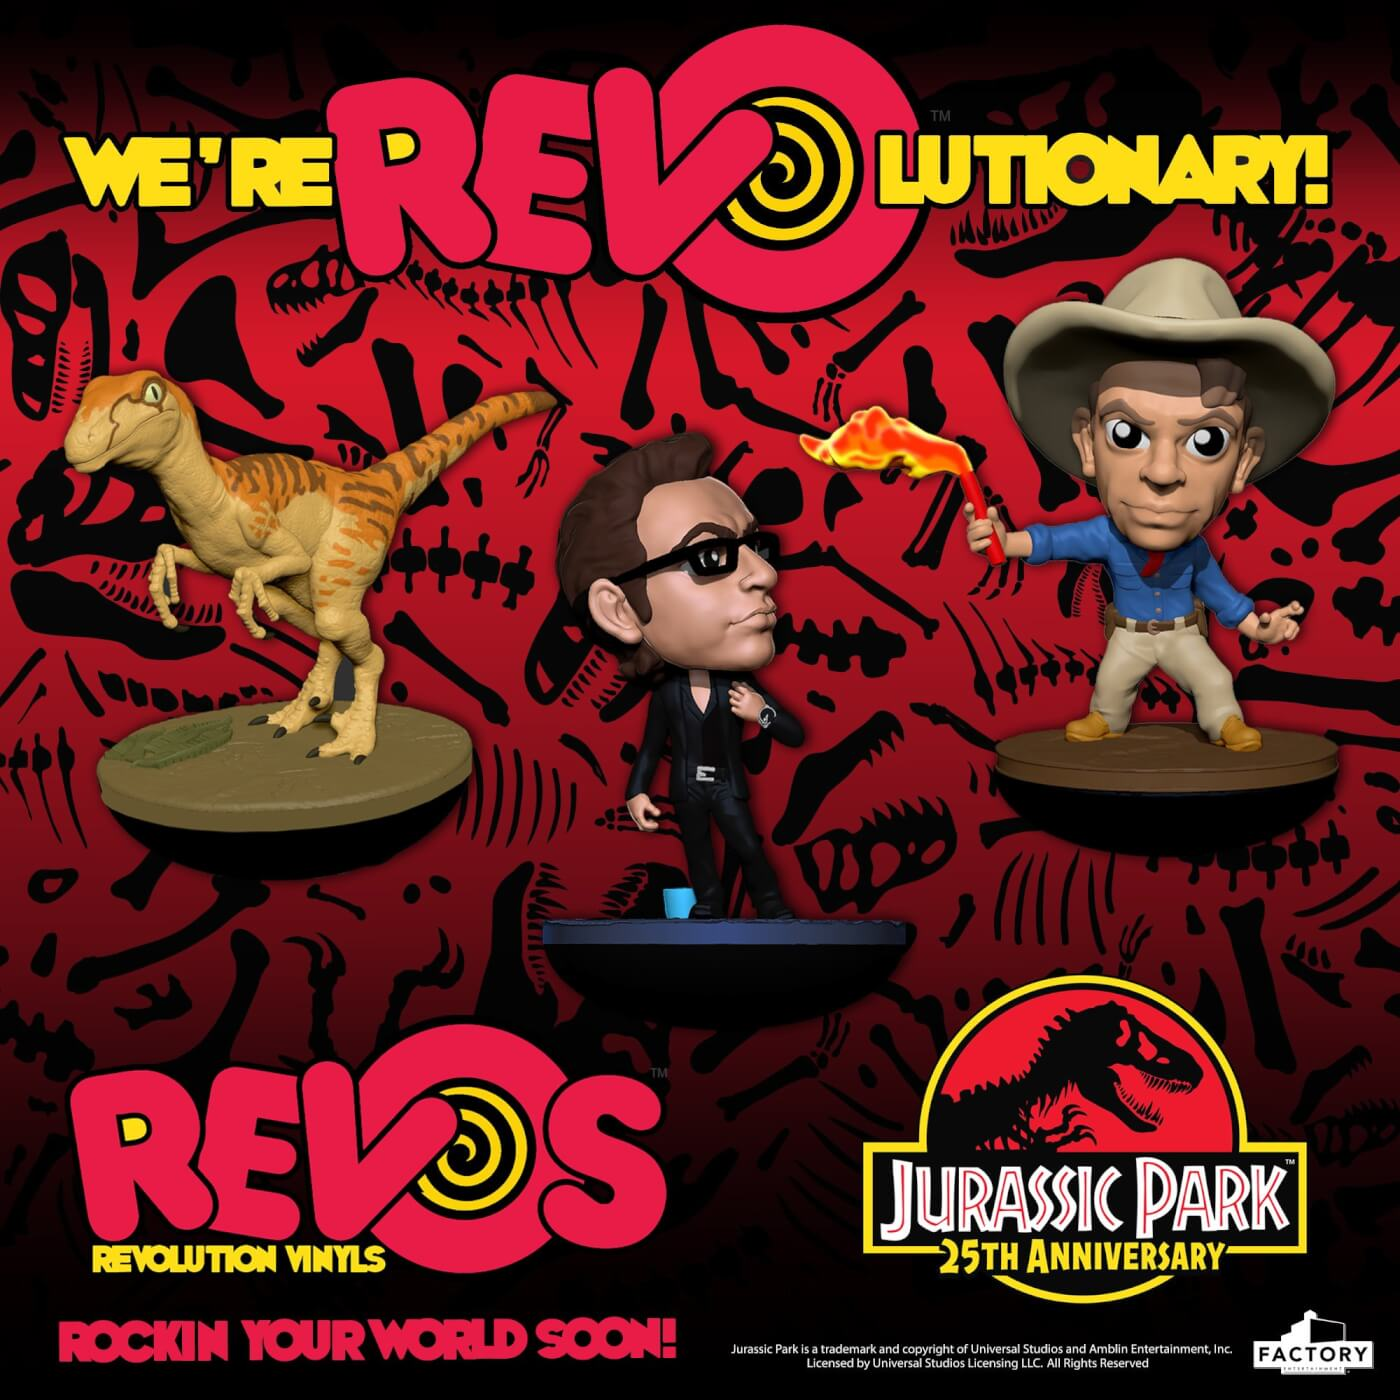 Factory Entertainment Jurassic Park Revos Ian Malcom Inc